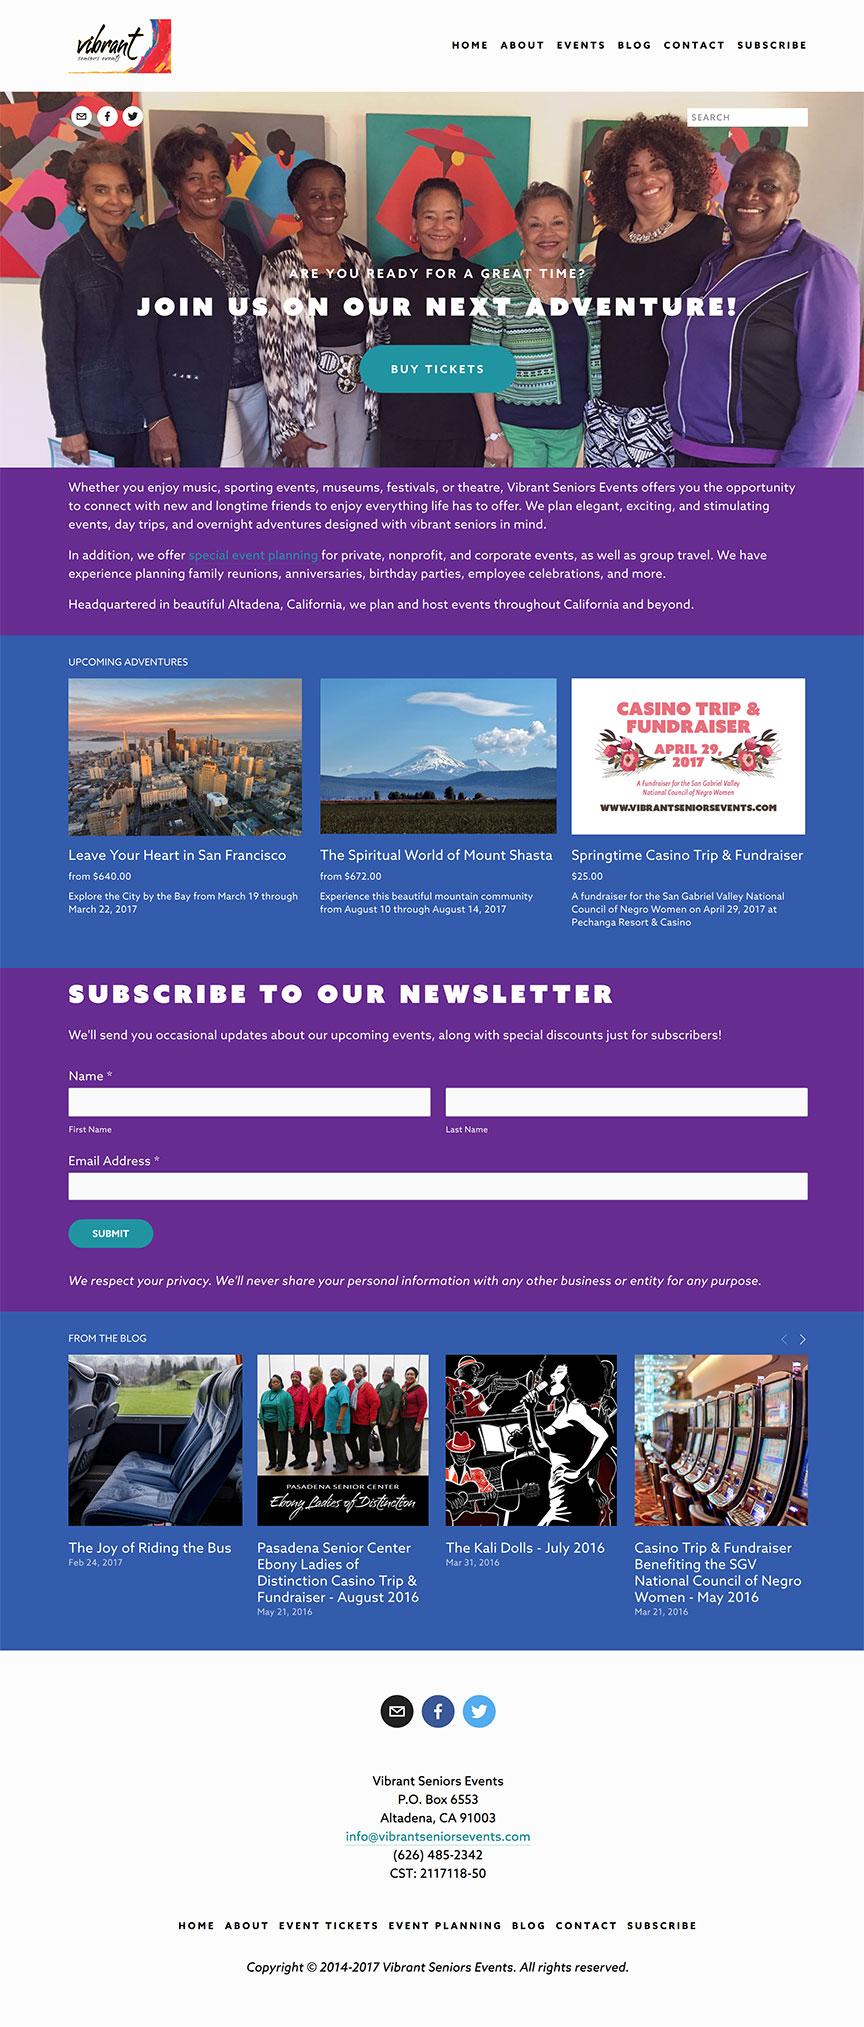 Vibrant Seniors Events website screenshot